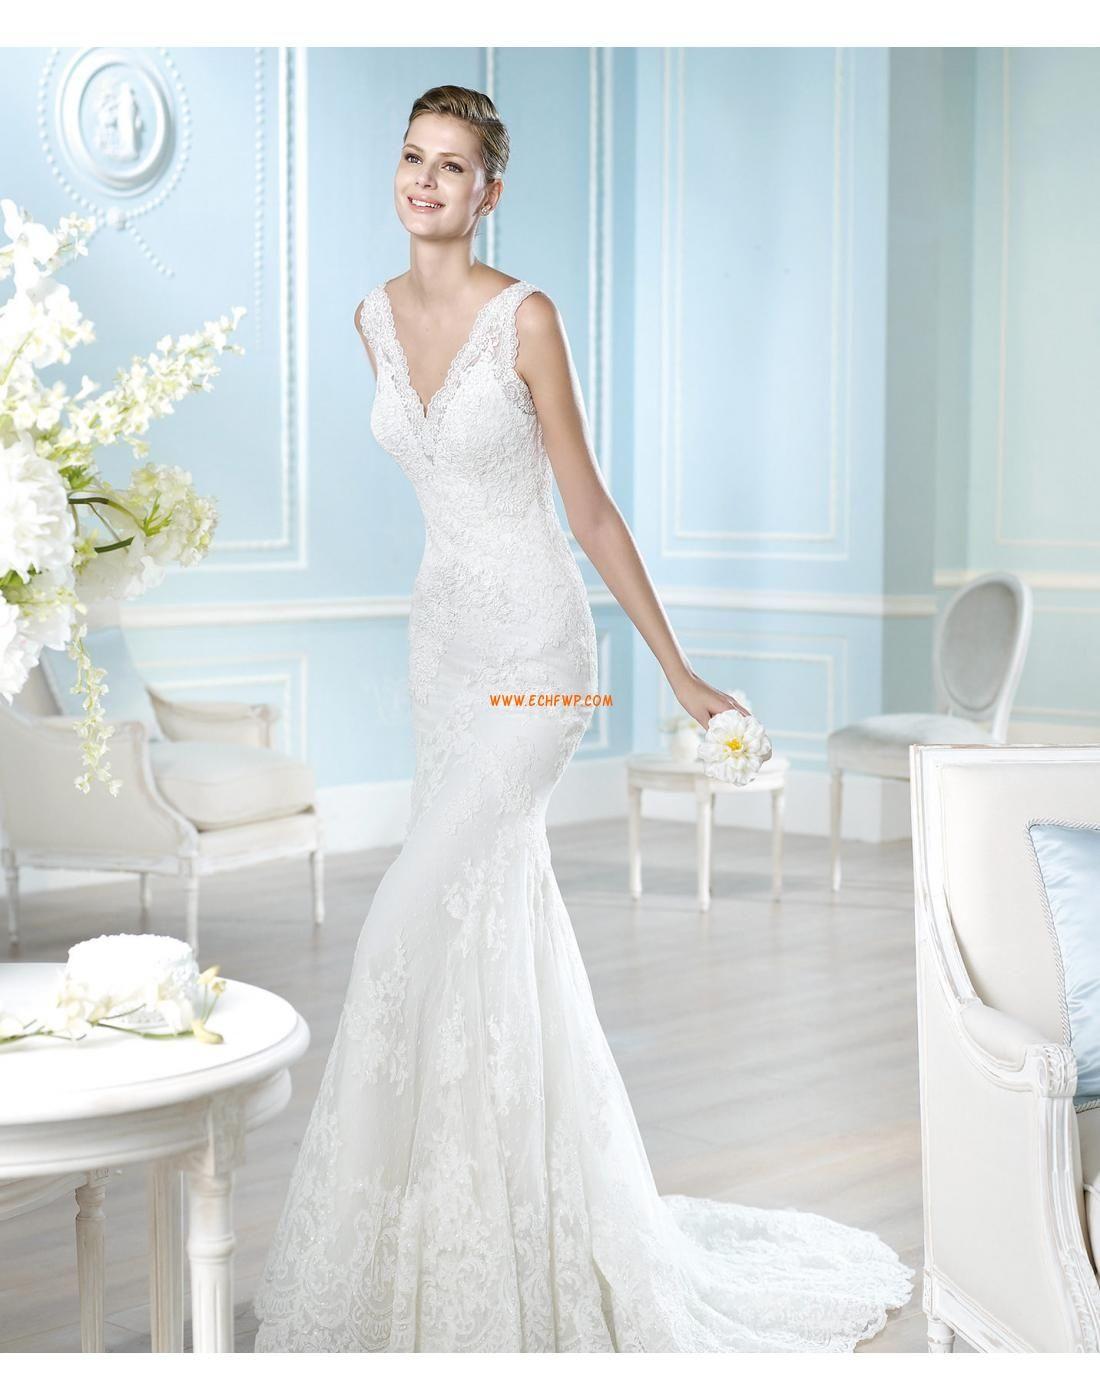 V-Ausschnitt Birne Mit Paillette Designer Brautkleider ...